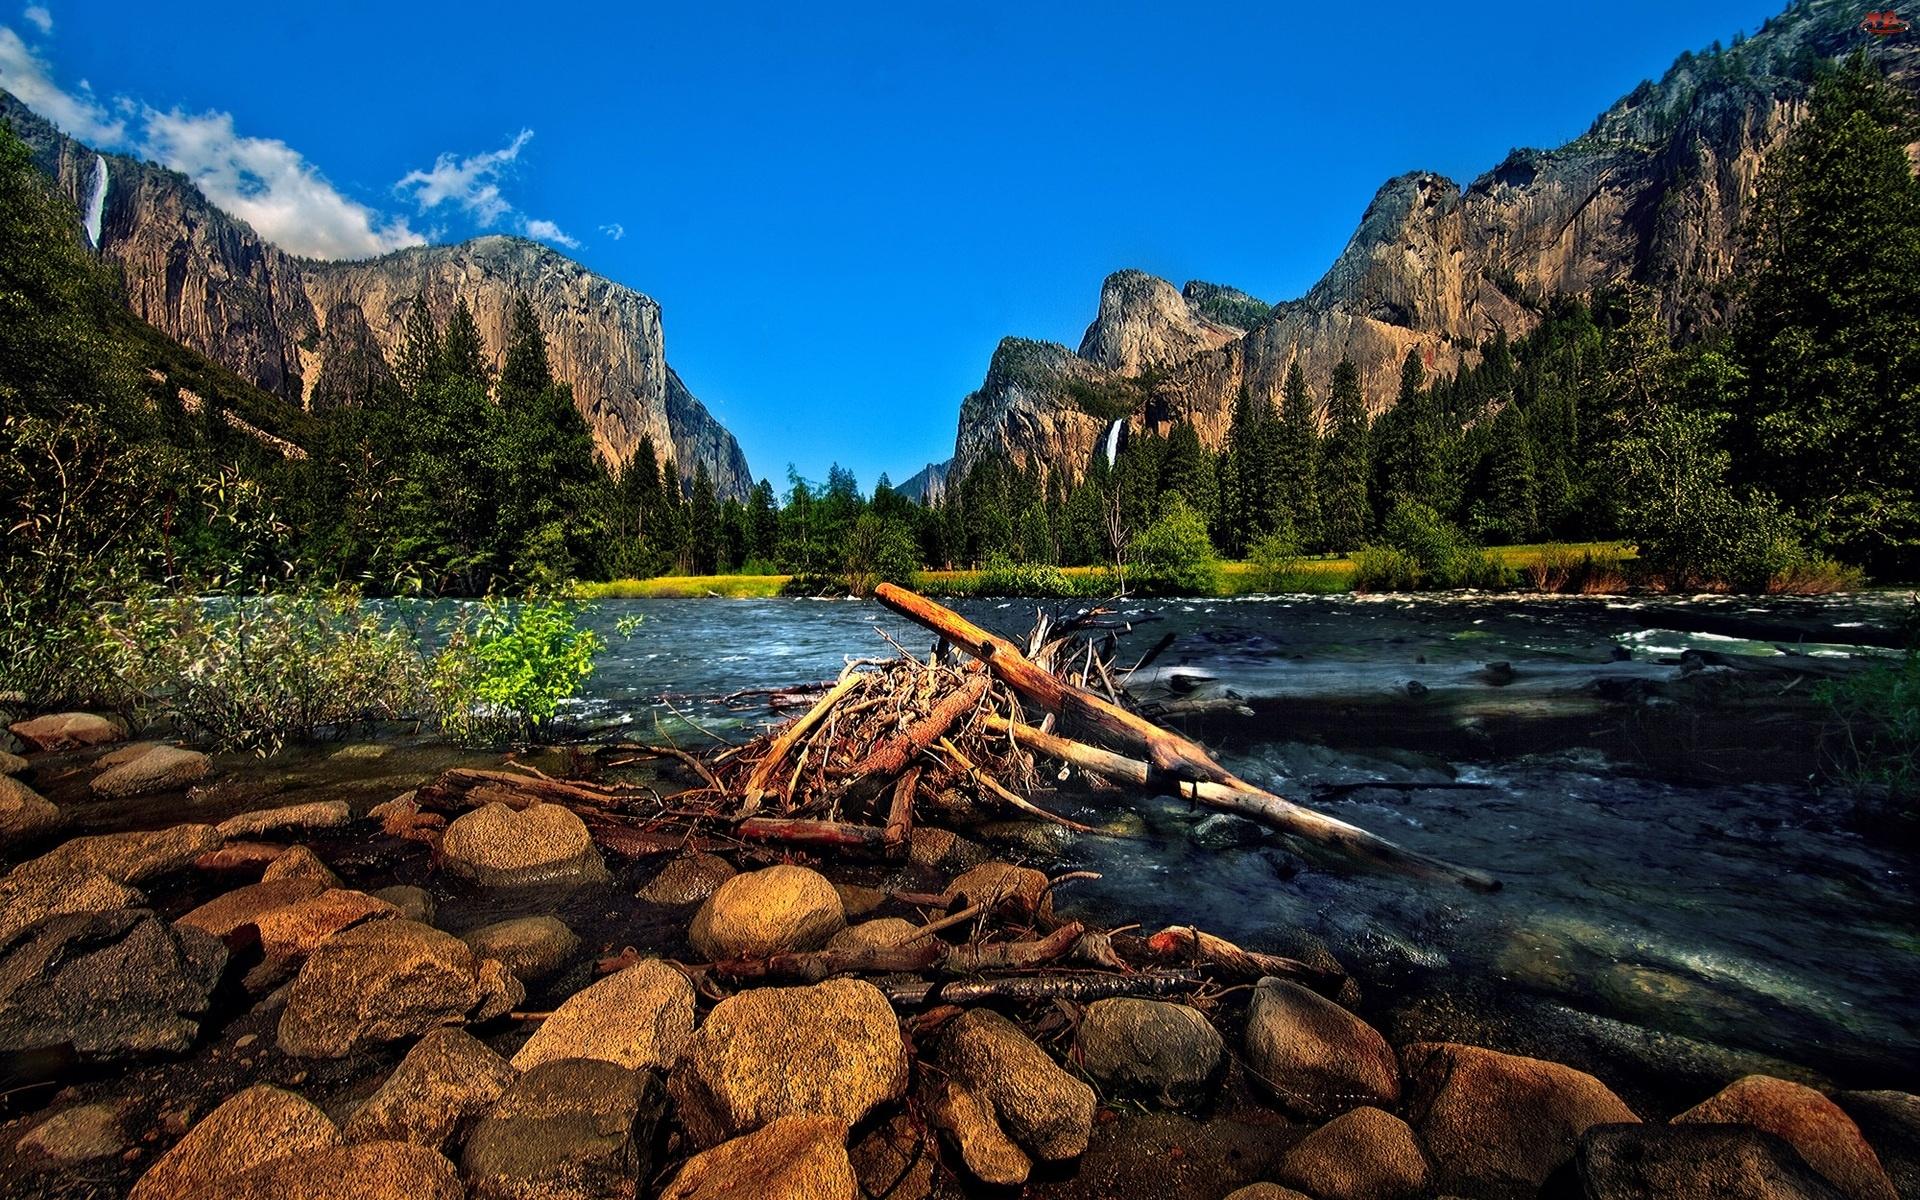 Kamienie, Góry, Rzeka